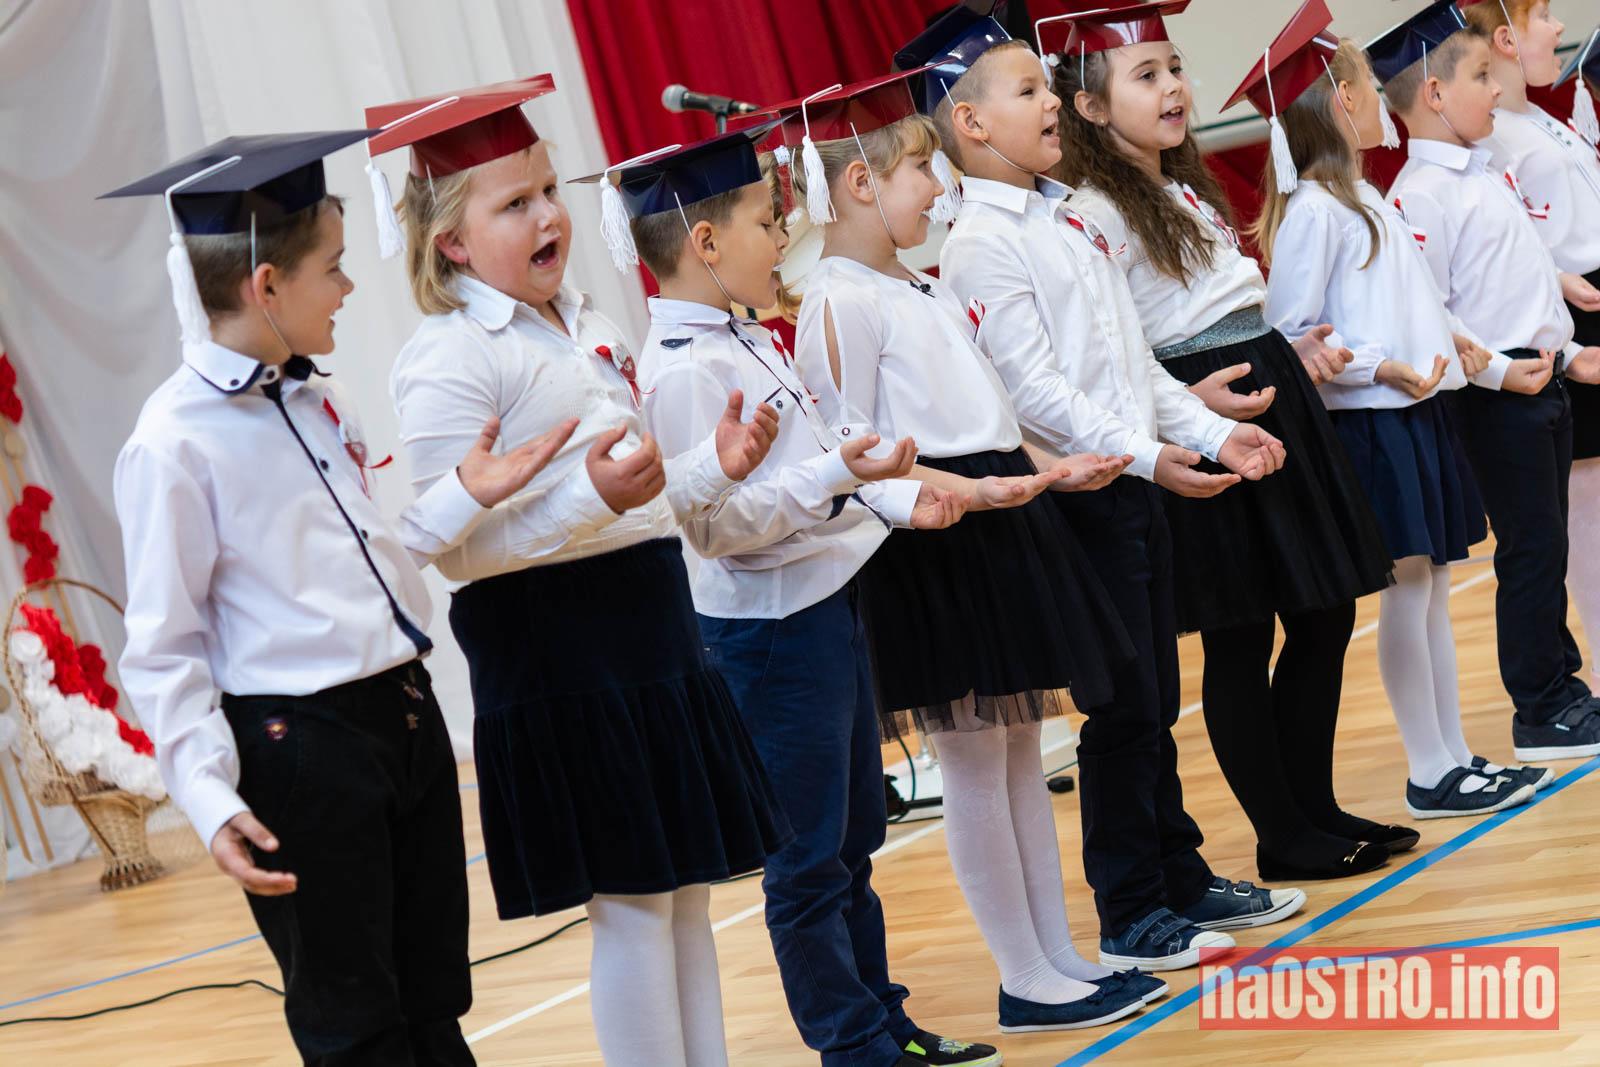 NaOSTRO Otwarcie Szkoły w Bałtowie-143